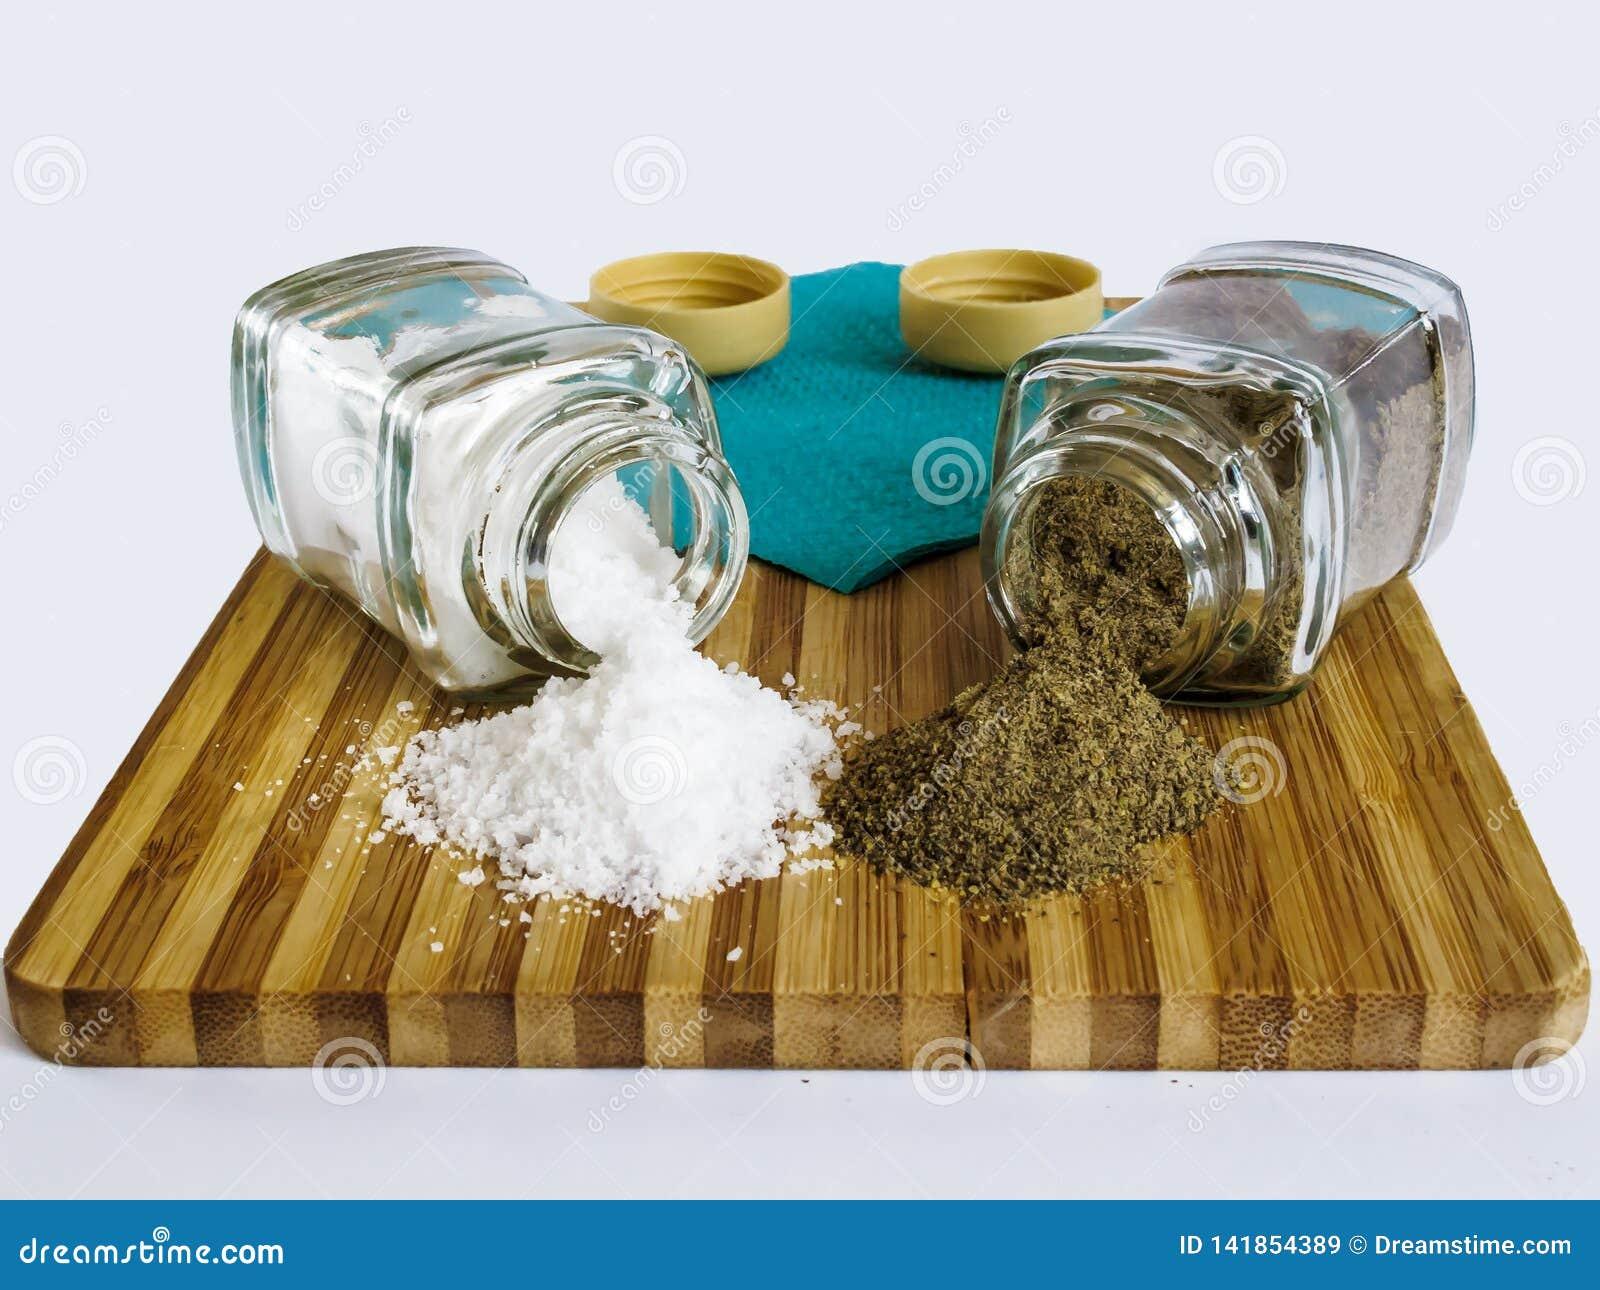 Sal y pimienta dispersadas de las coctelera de sal de cristal y de las coctelera de la pimienta en una tabla de cortar